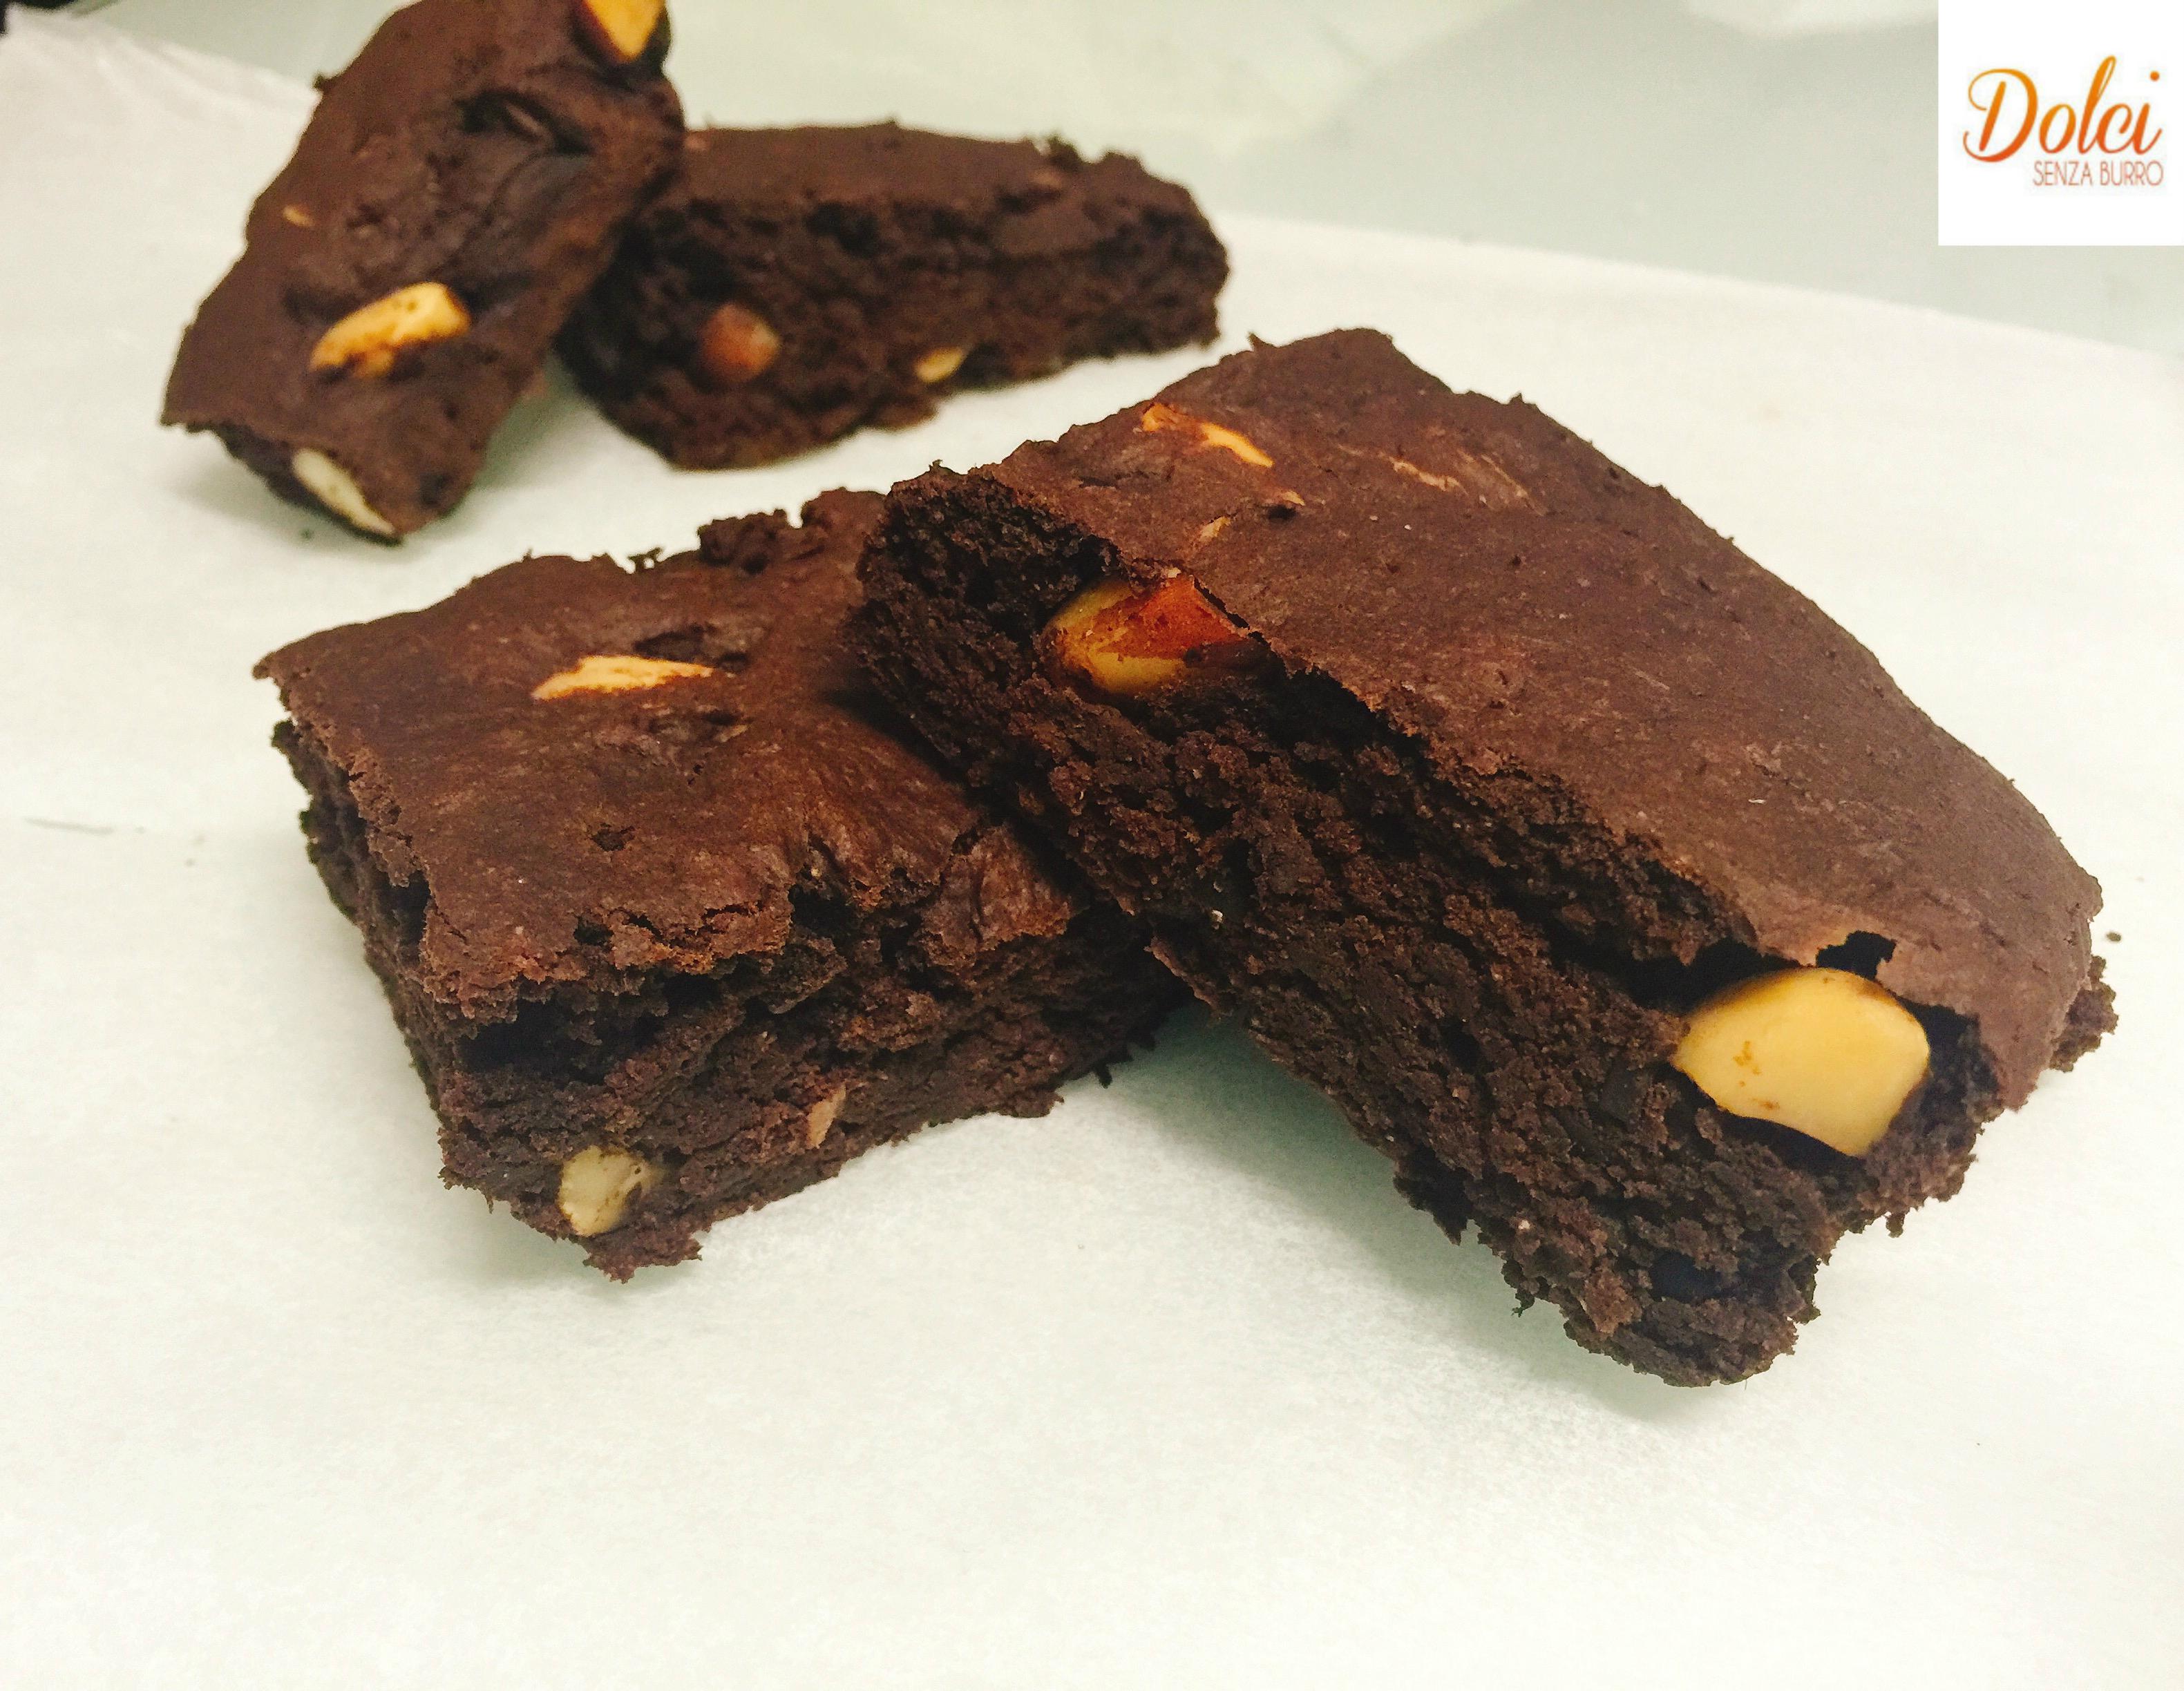 Brownies Vegani, i famosi dolci americani al cioccolato in versione leggera realizzati da dolci senza burro